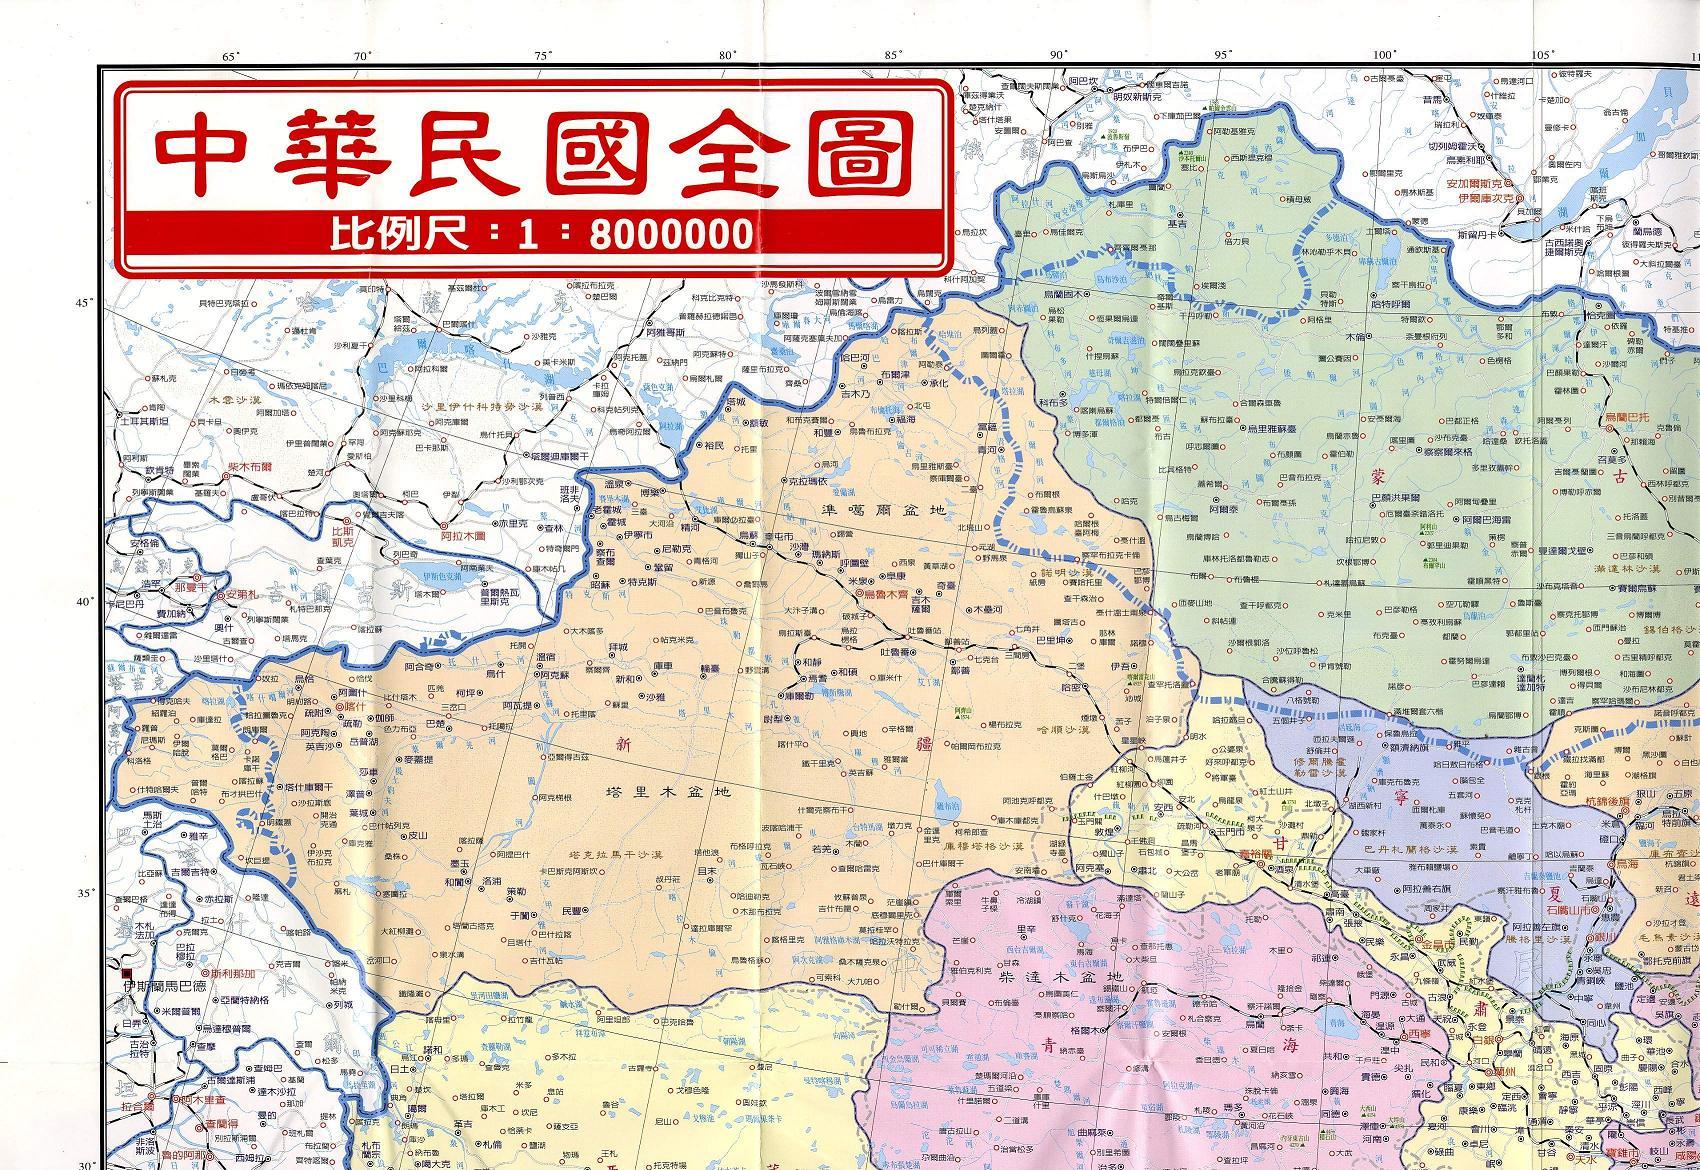 台湾版中国地图